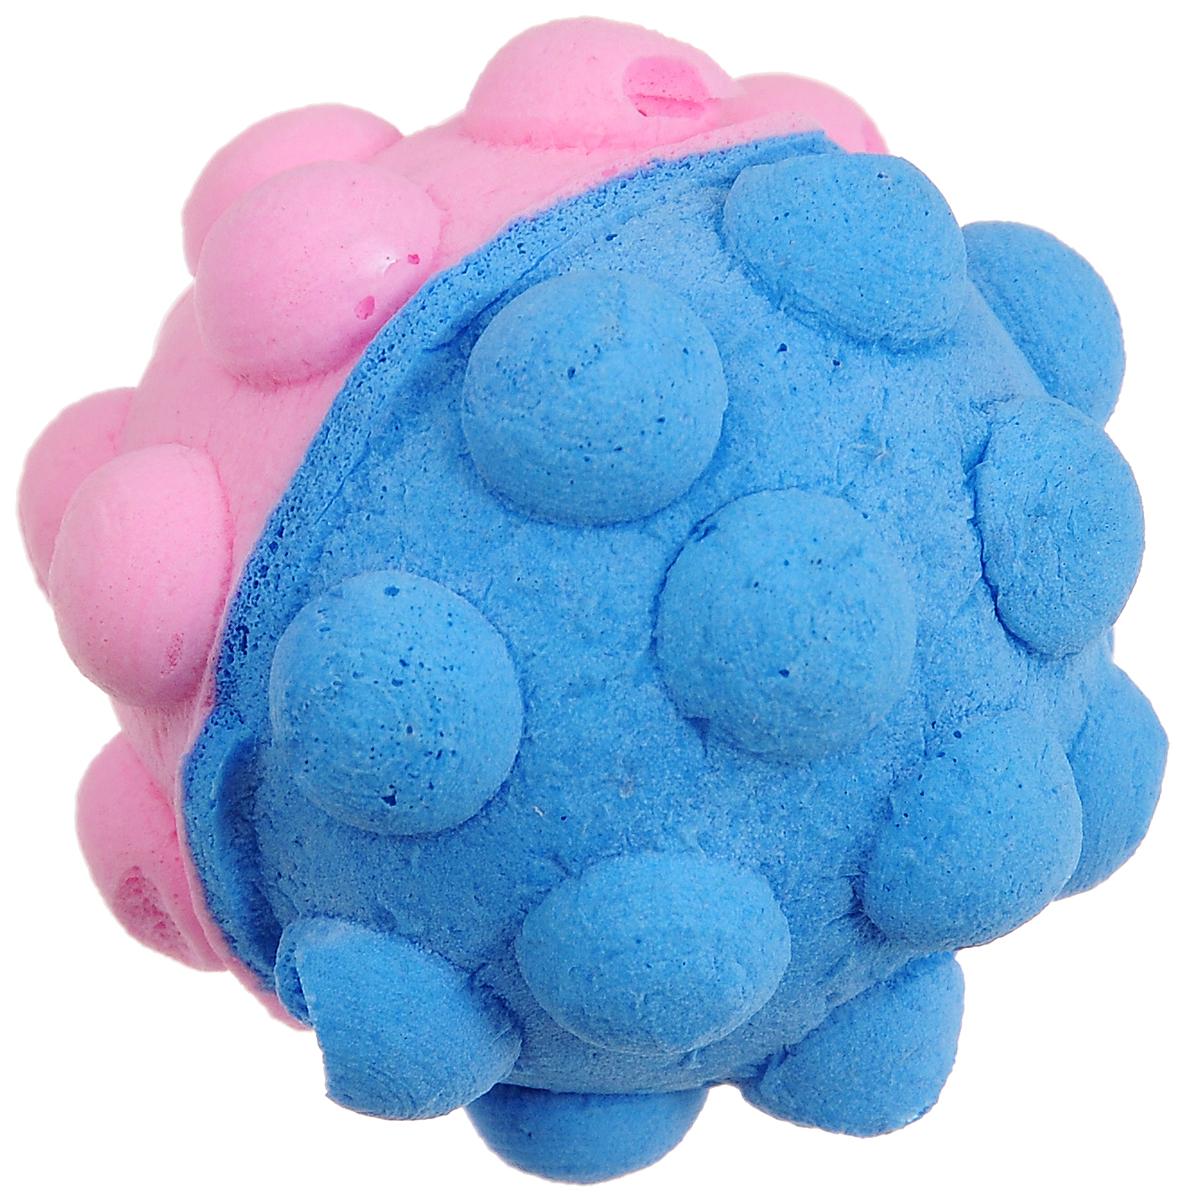 Игрушка для животных Каскад Мячик зефирный. Мина, цвет: голубой, розовый, диаметр 4,5 см27799309_голубой, розовыйМягкая игрушка для животных Каскад Мячик зефирный. Мина изготовлена из вспененного полимера. Такая игрушка порадует вашего любимца, а вам доставит массу приятных эмоций, ведь наблюдать за игрой всегда интересно и приятно. Диаметр игрушки: 4,5 см.